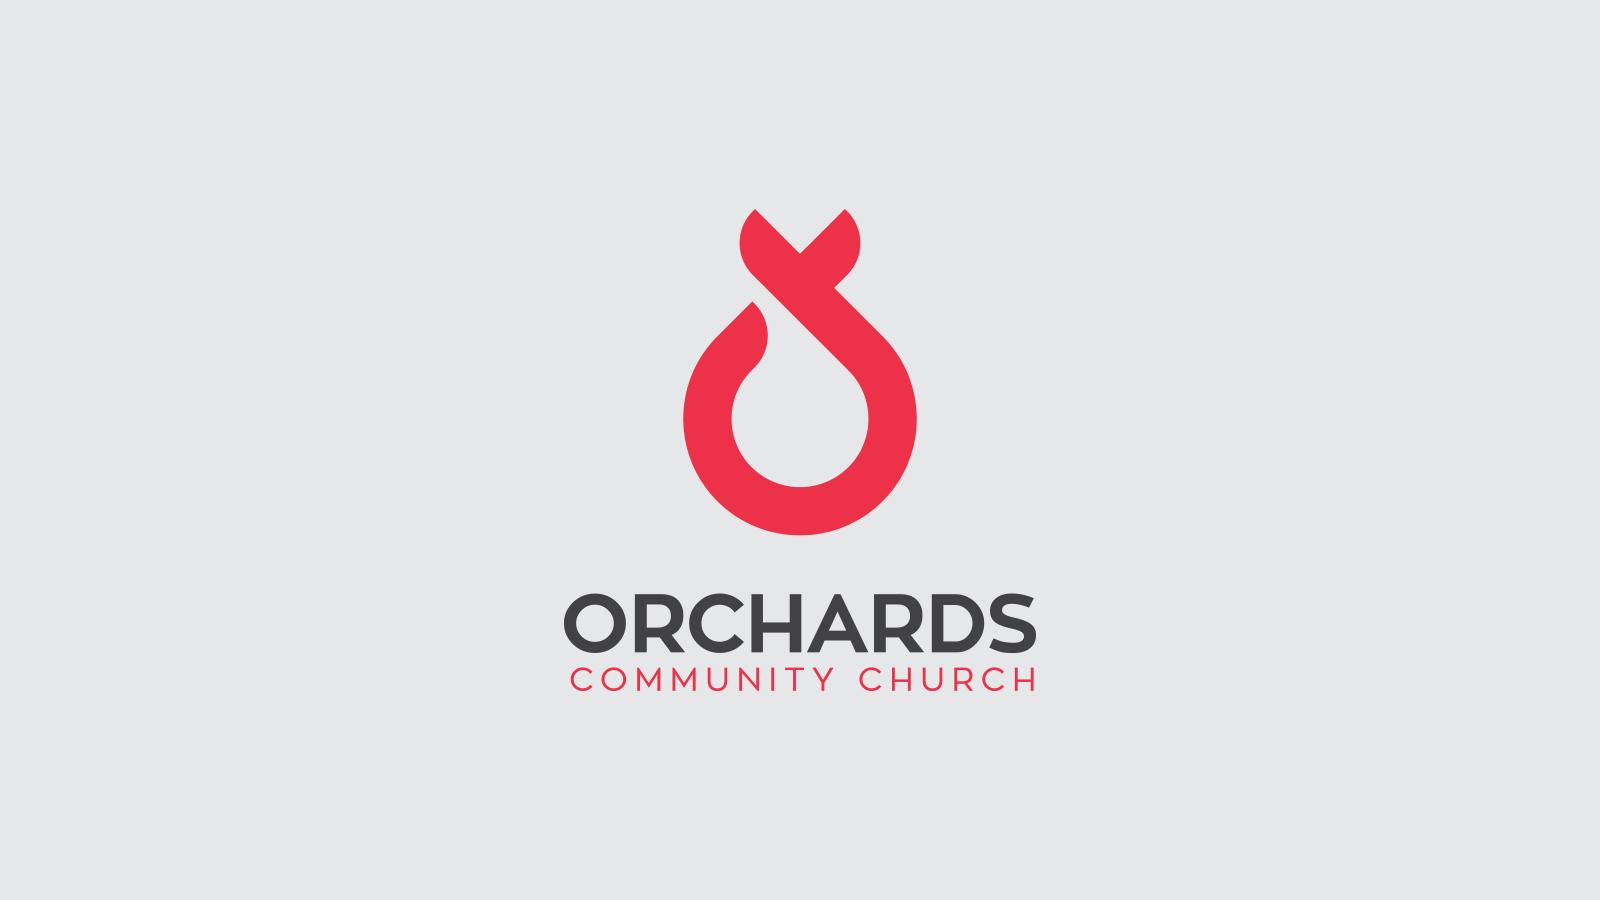 Orchardslogo1